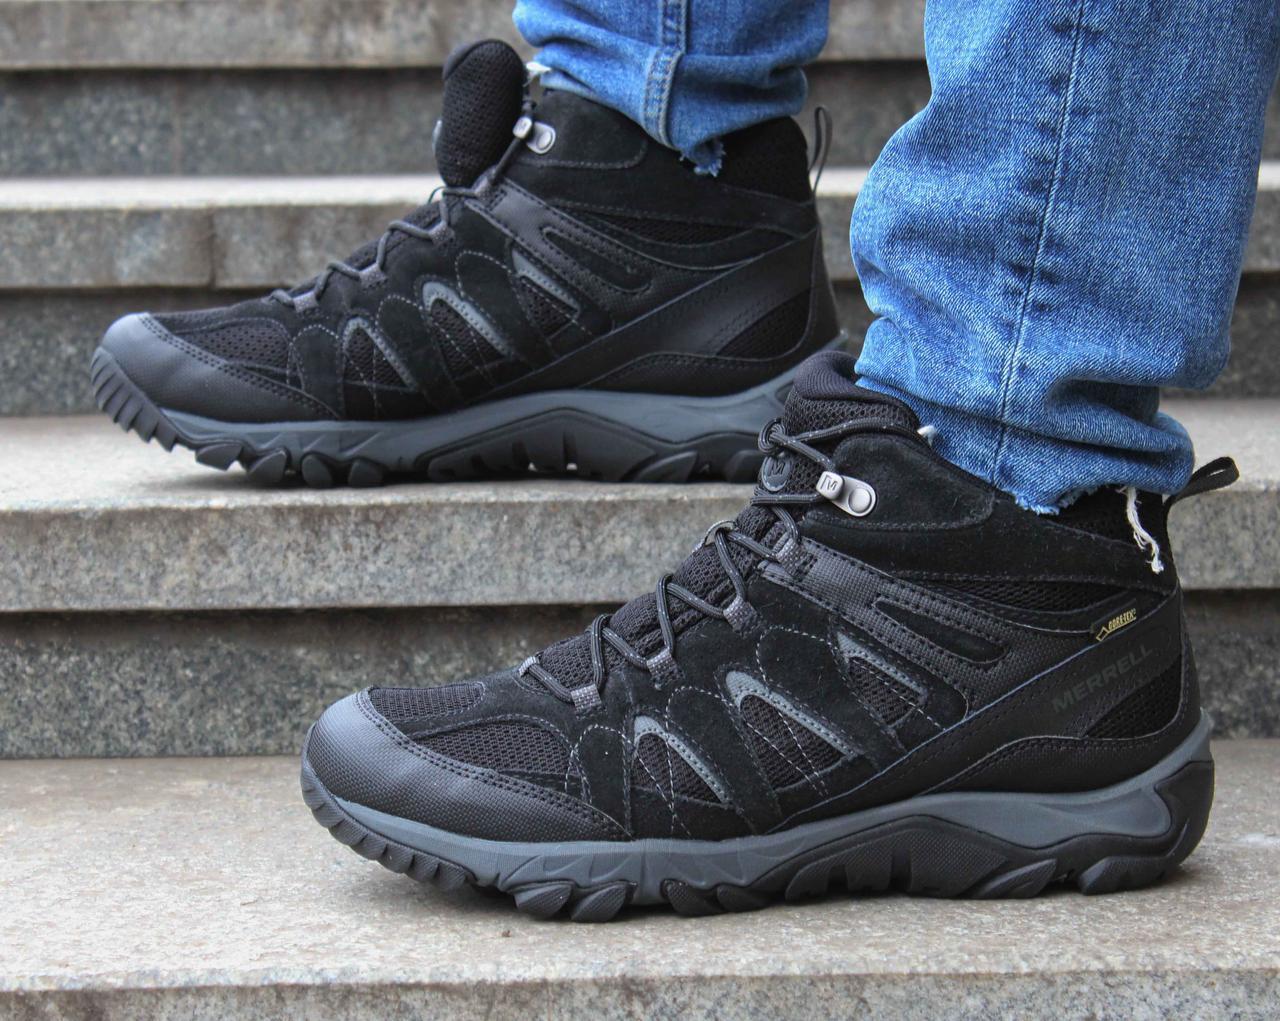 Мужские черные зимние ботинки Merrell Outmost Mid Ventilator Gore-Tex J09505